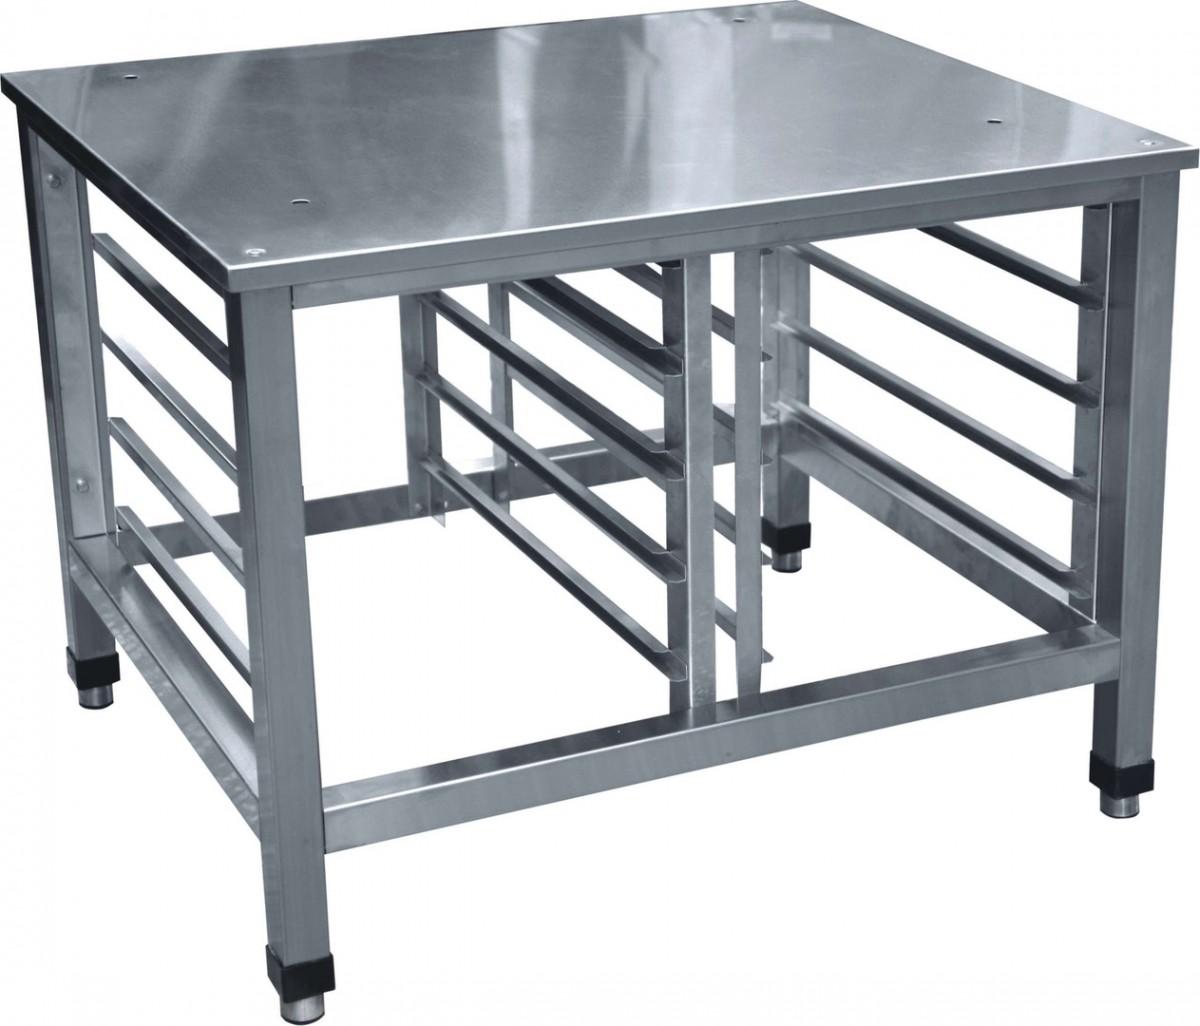 Подставка под пароконвектомат 1000*800*700 нерж. сталь, 5 уровней, 2 ряда гастр. 530*325, напр.800